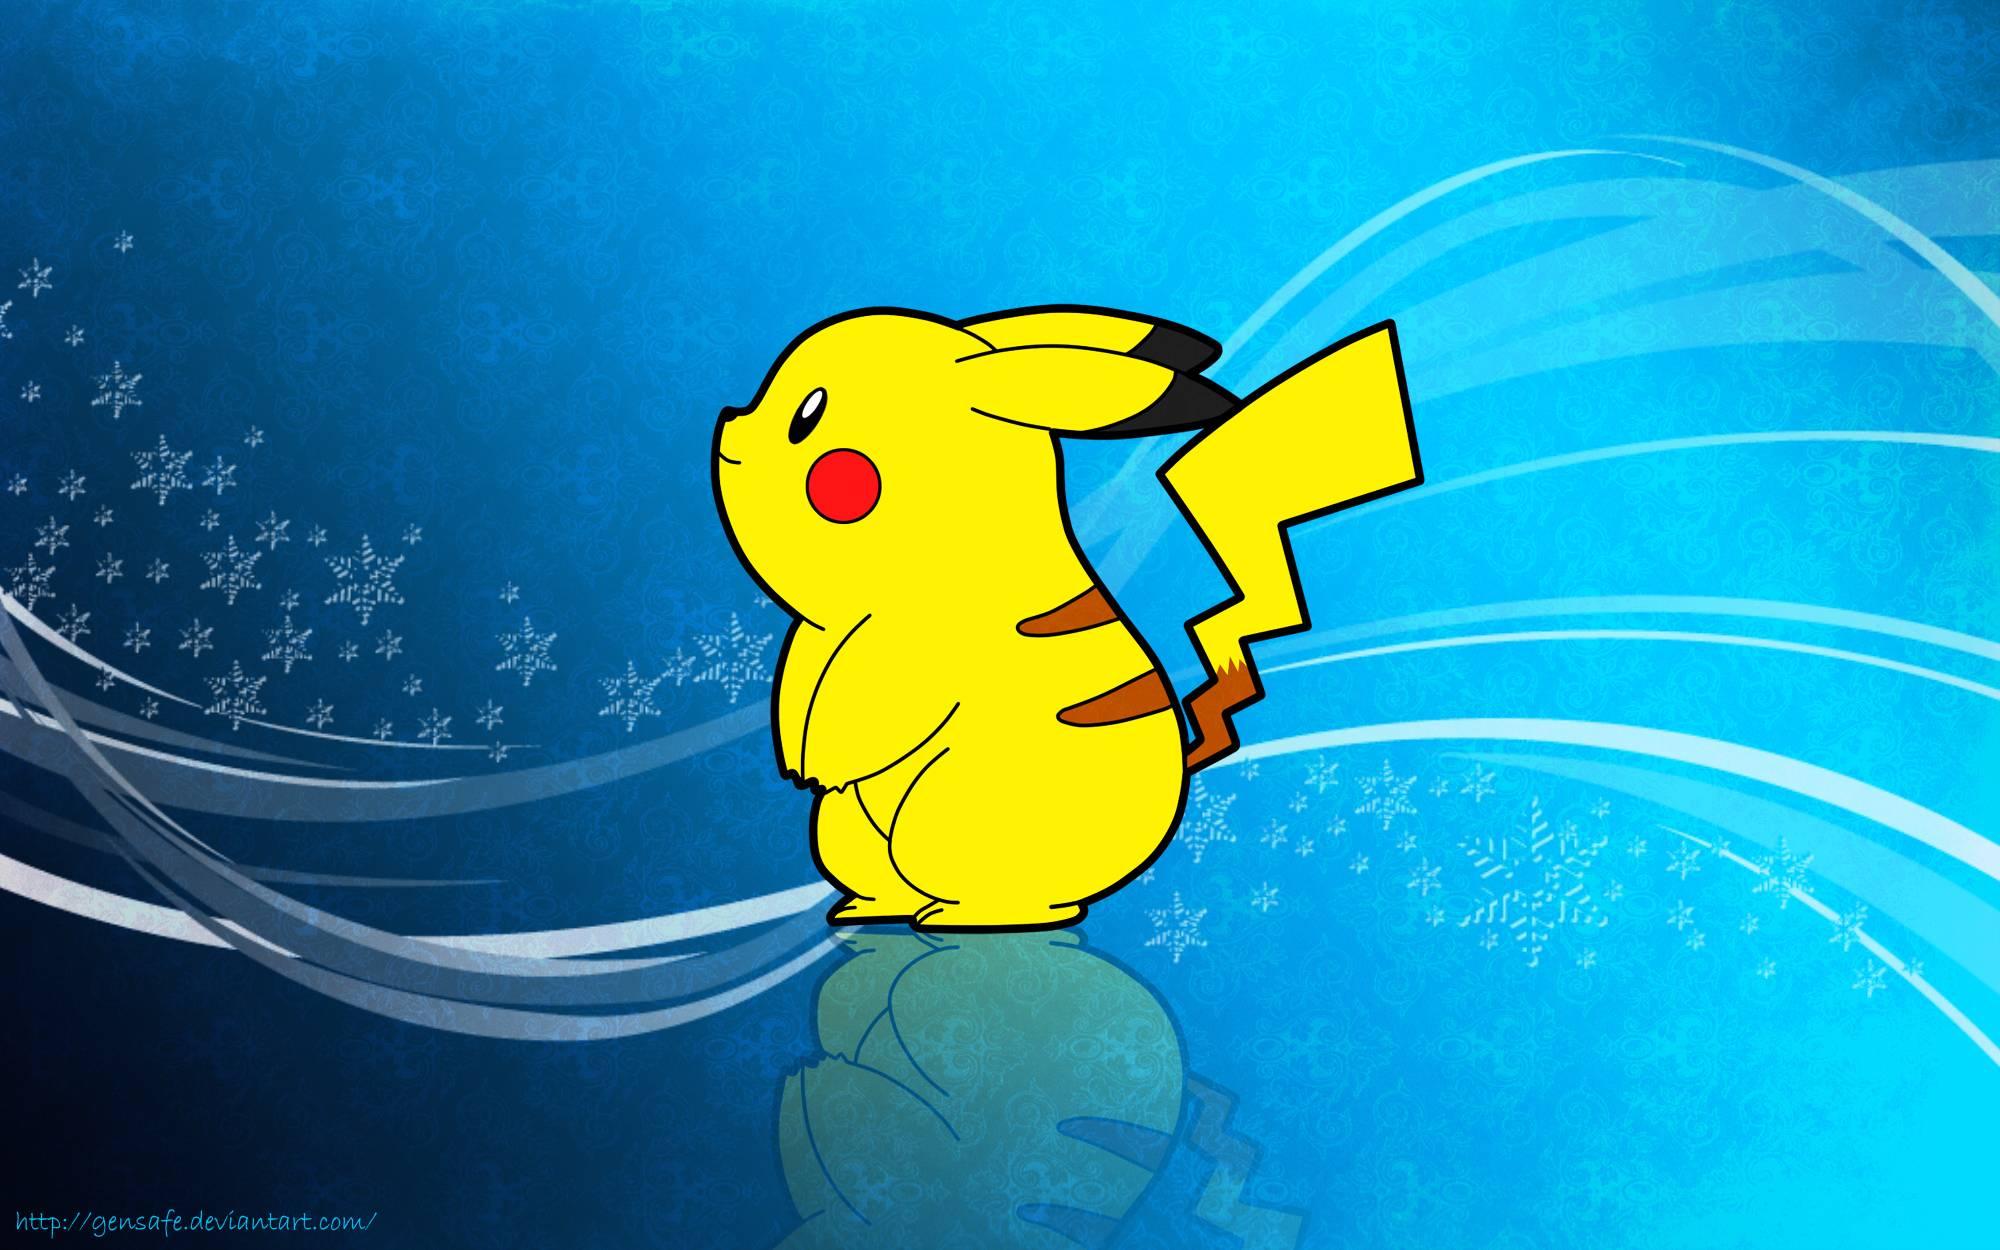 pikachu pokemon wallpaper - photo #29